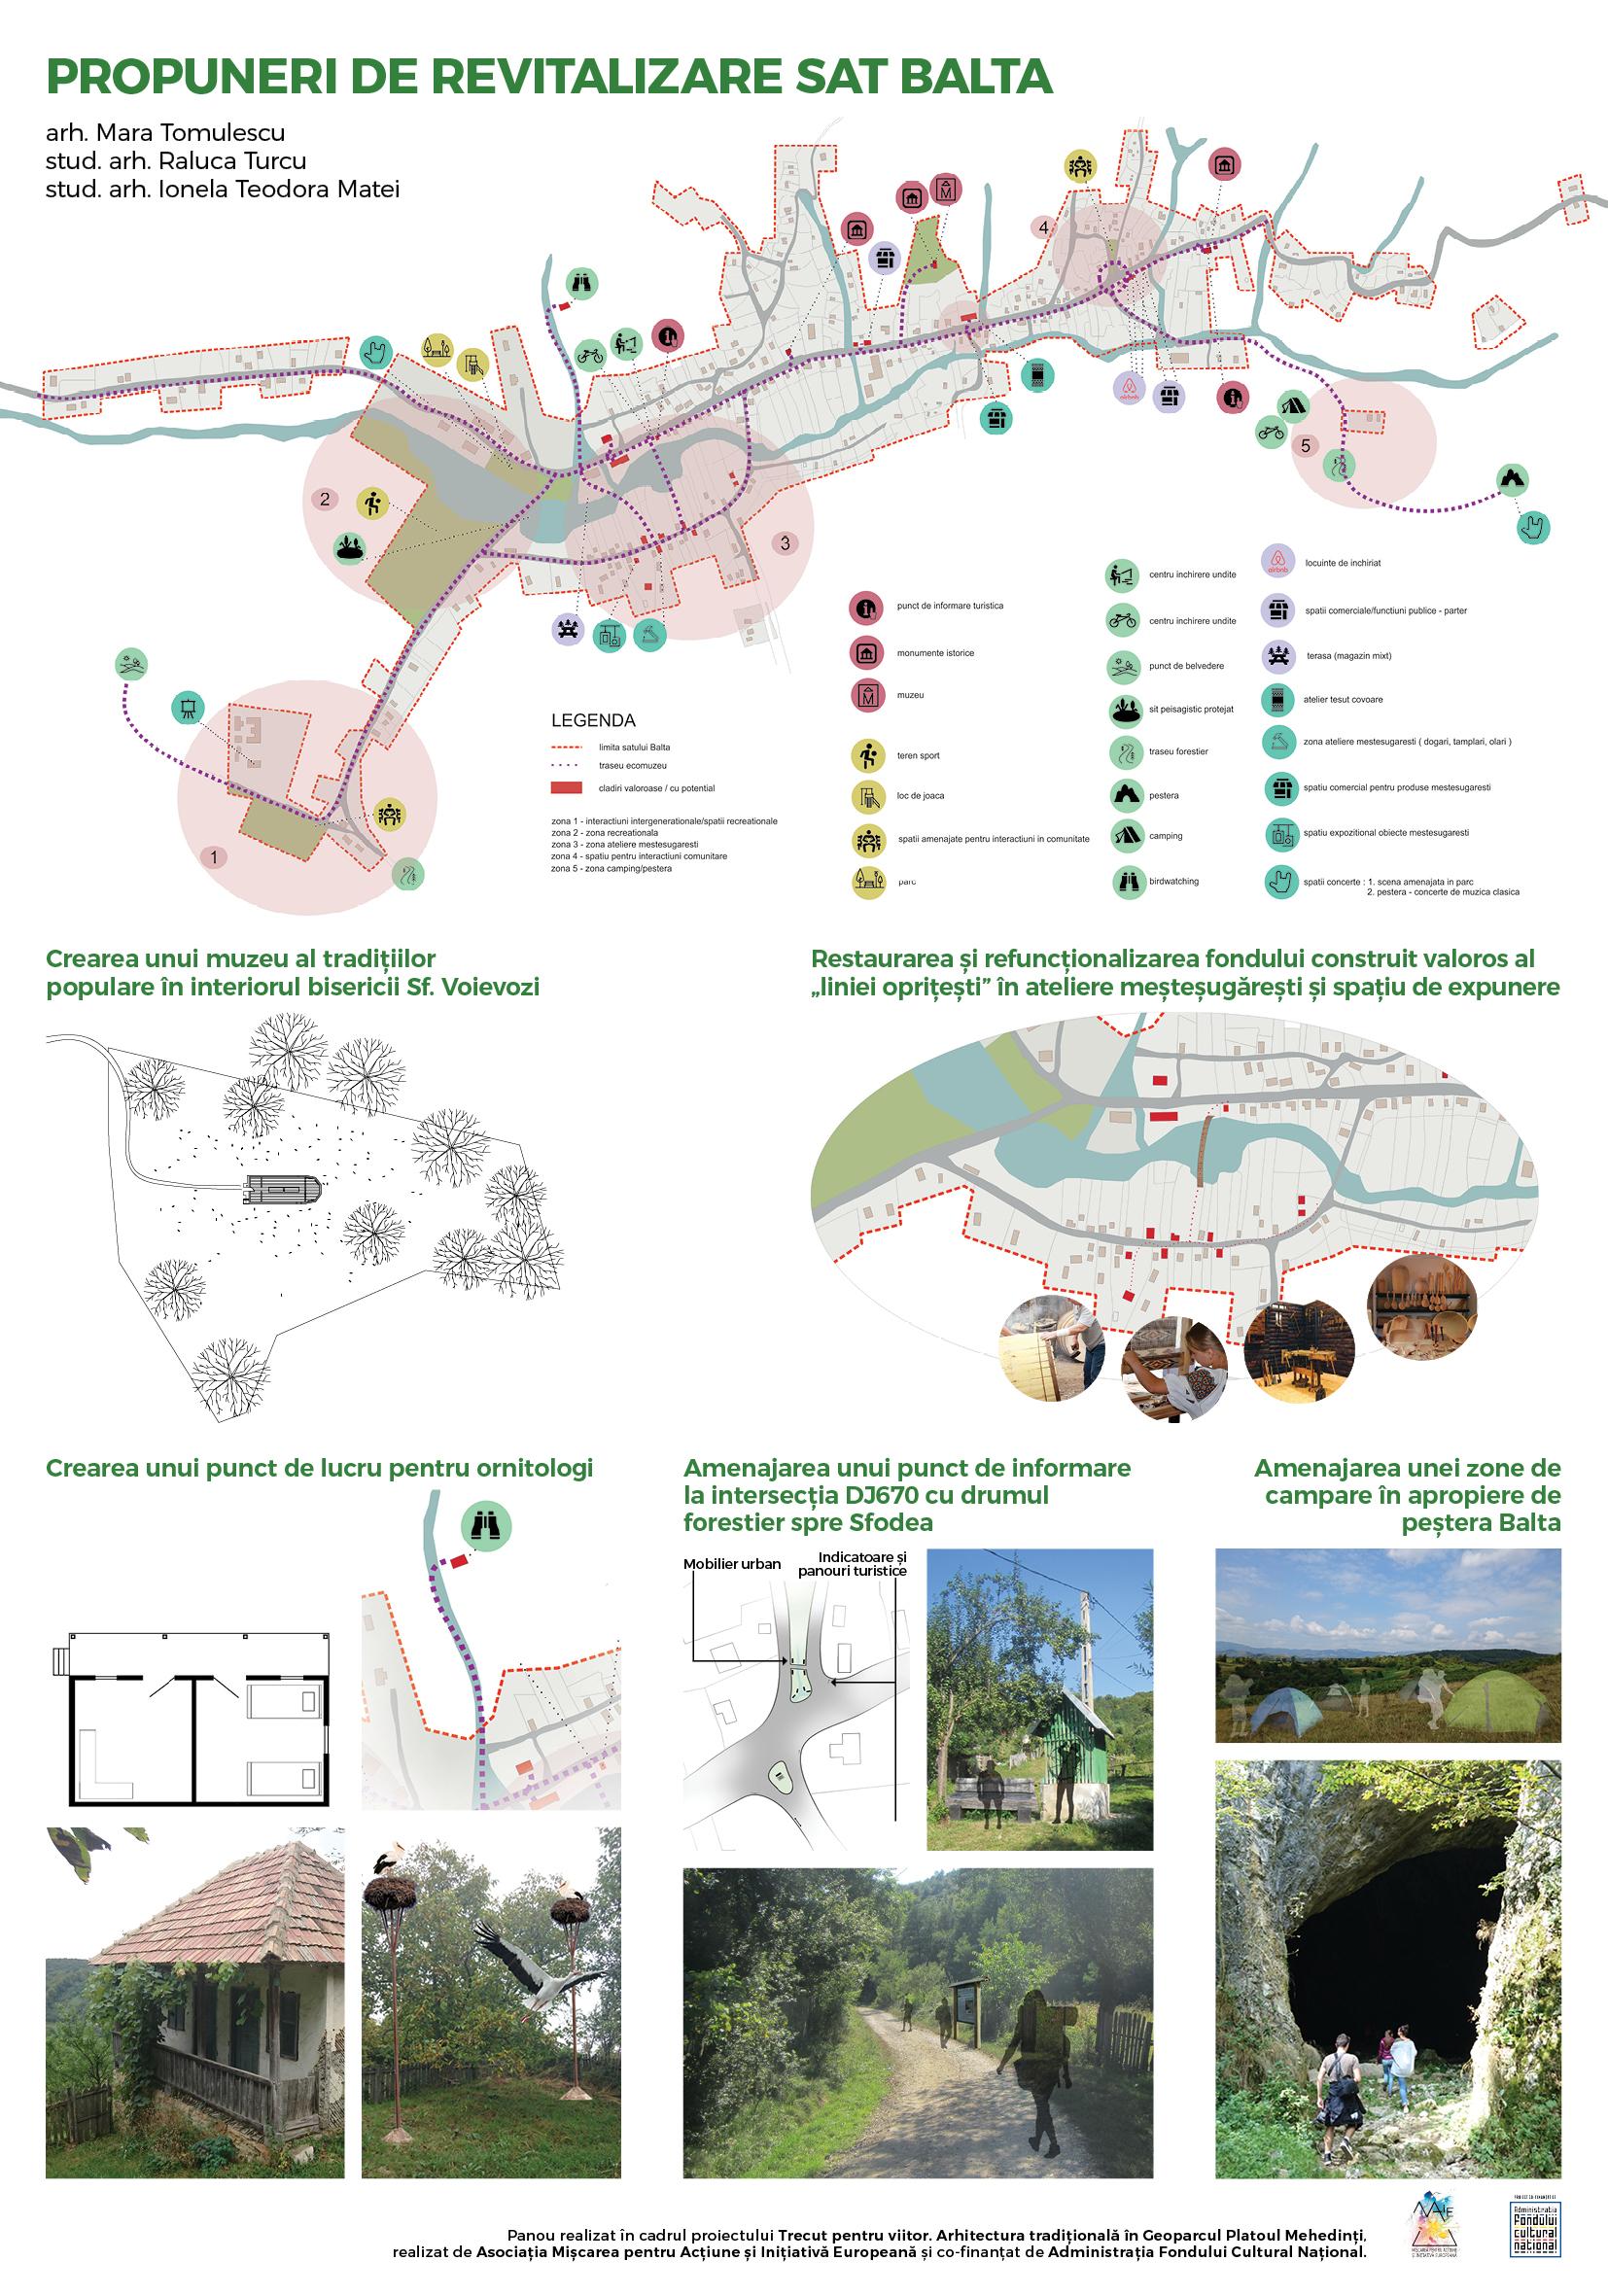 Propuneri de valorificare sustenabilă – sat Balta